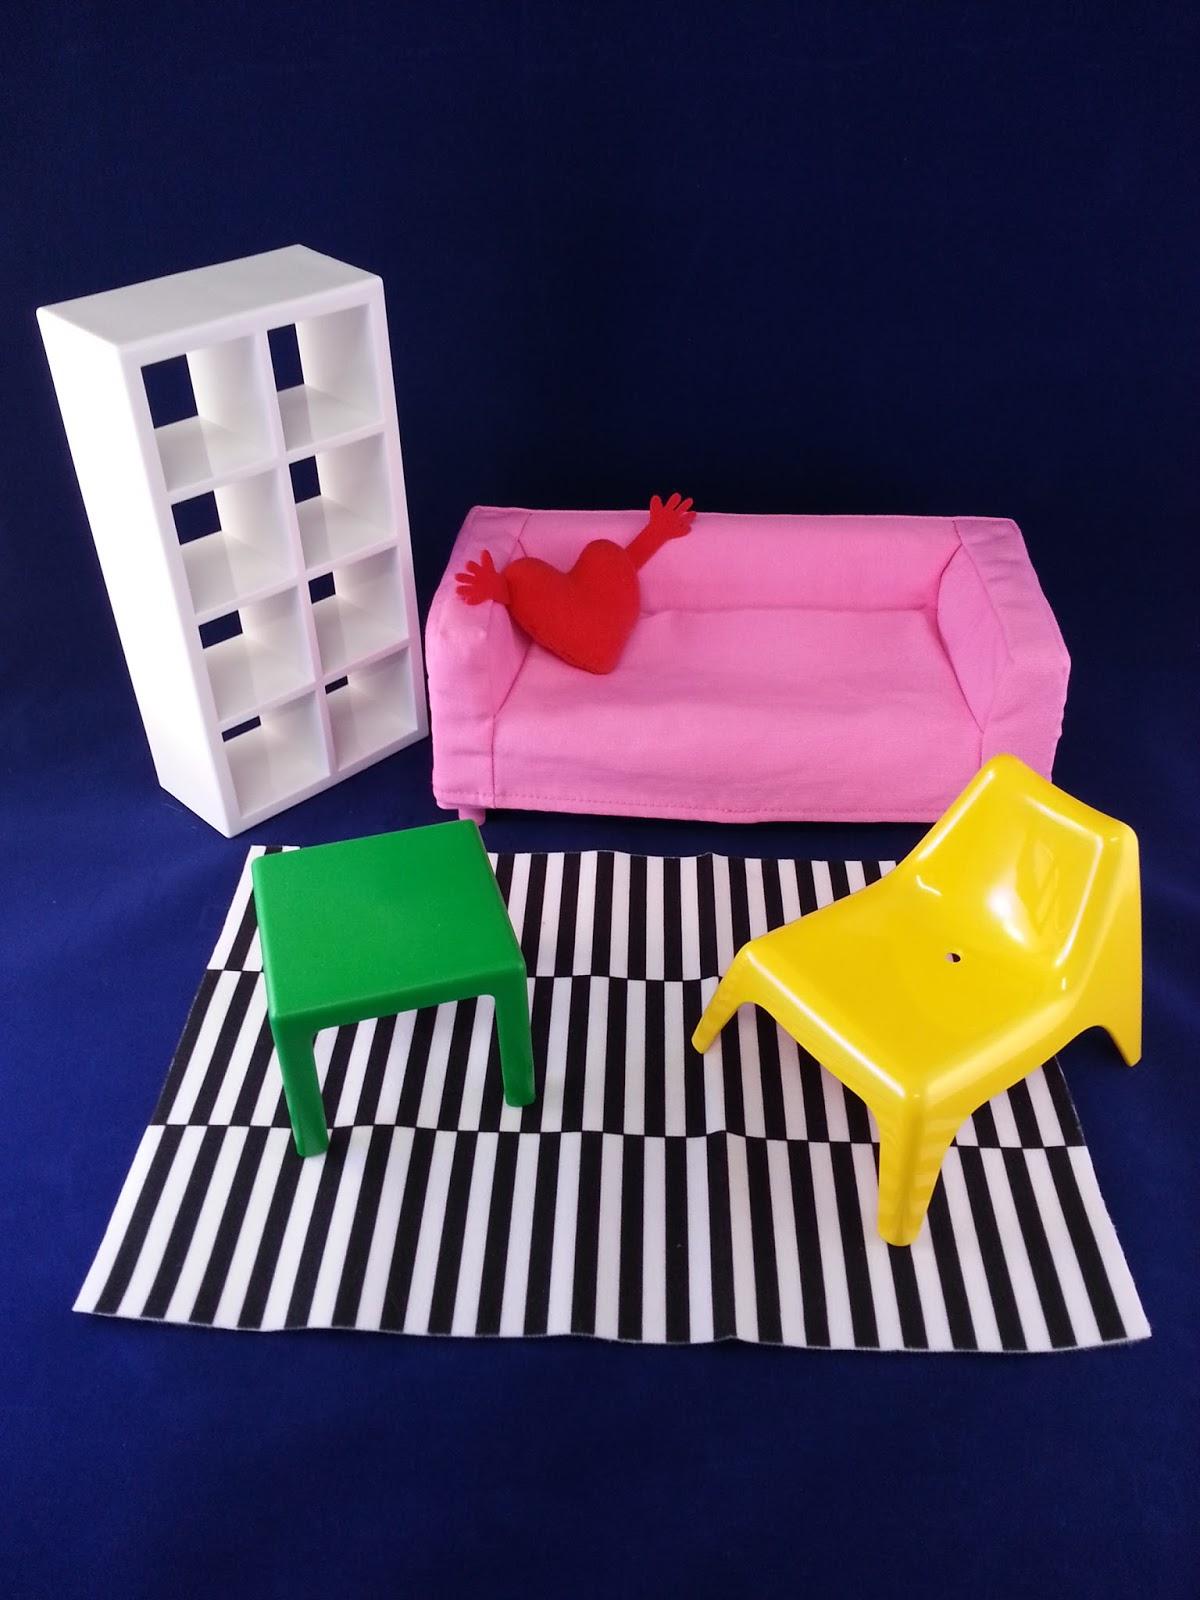 Jane Ch 233 Rie Ikea Dollhouse Furniture